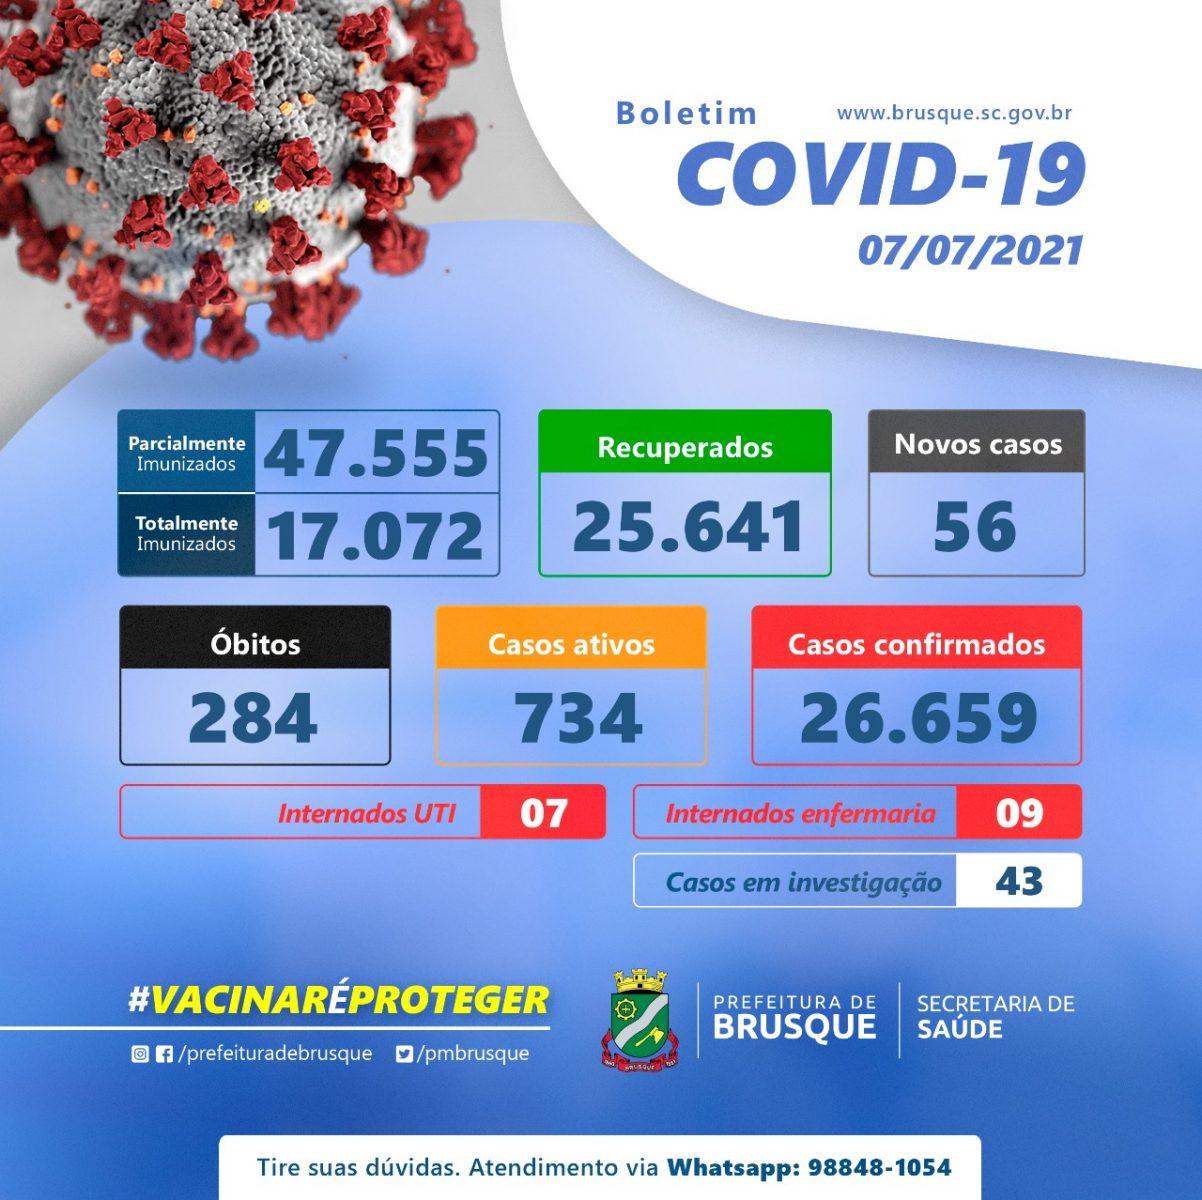 Covid-19: Confira o boletim epidemiológico desta quarta-feira (7)